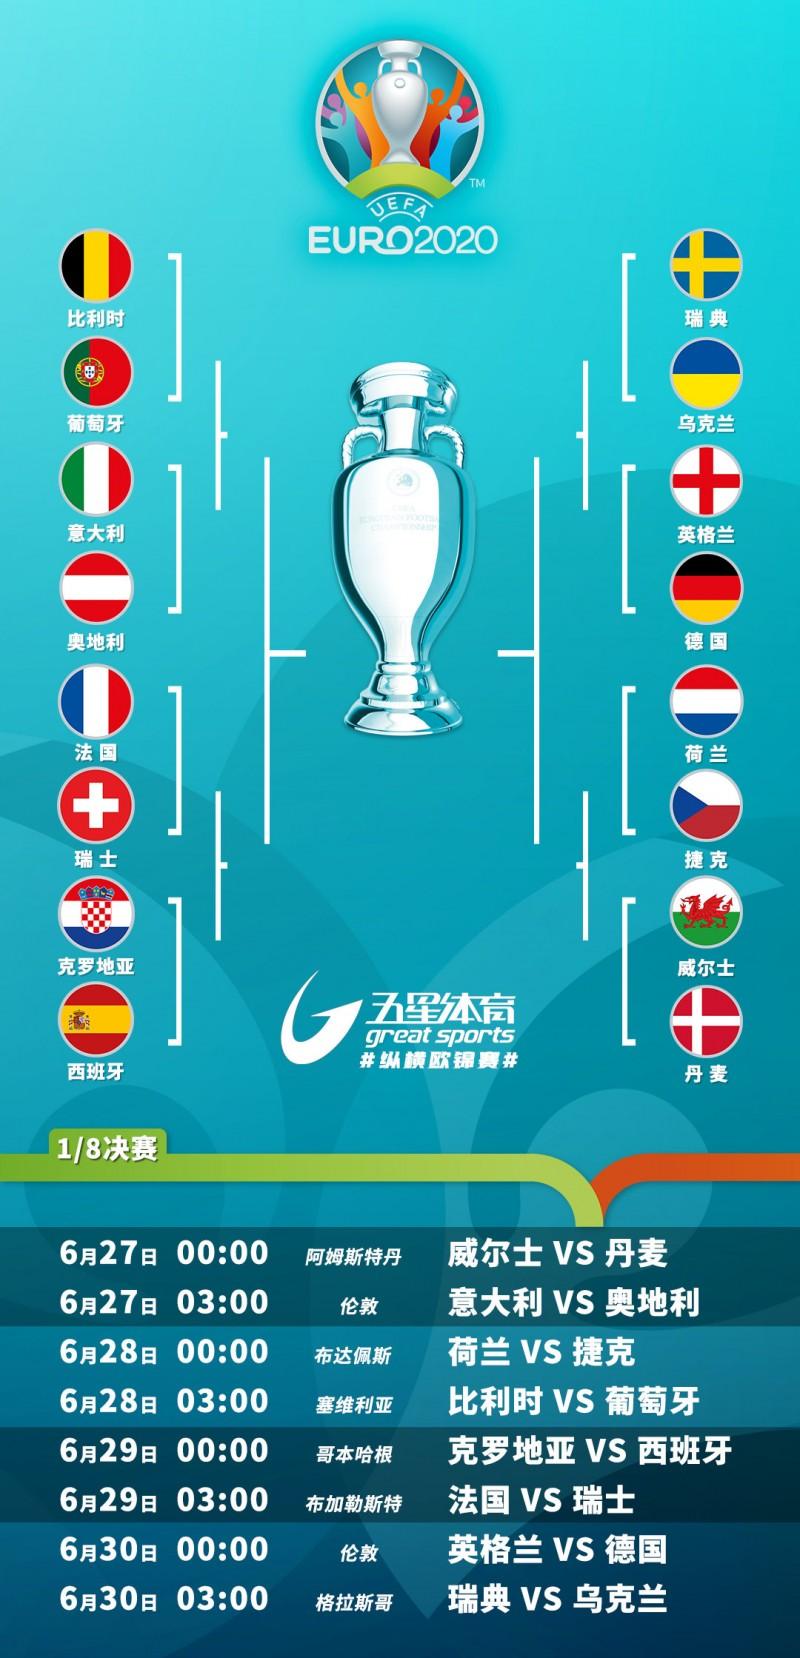 【蜗牛棋牌】欧洲杯16强对阵揭晓:英德大战上演 葡萄牙直面比利时